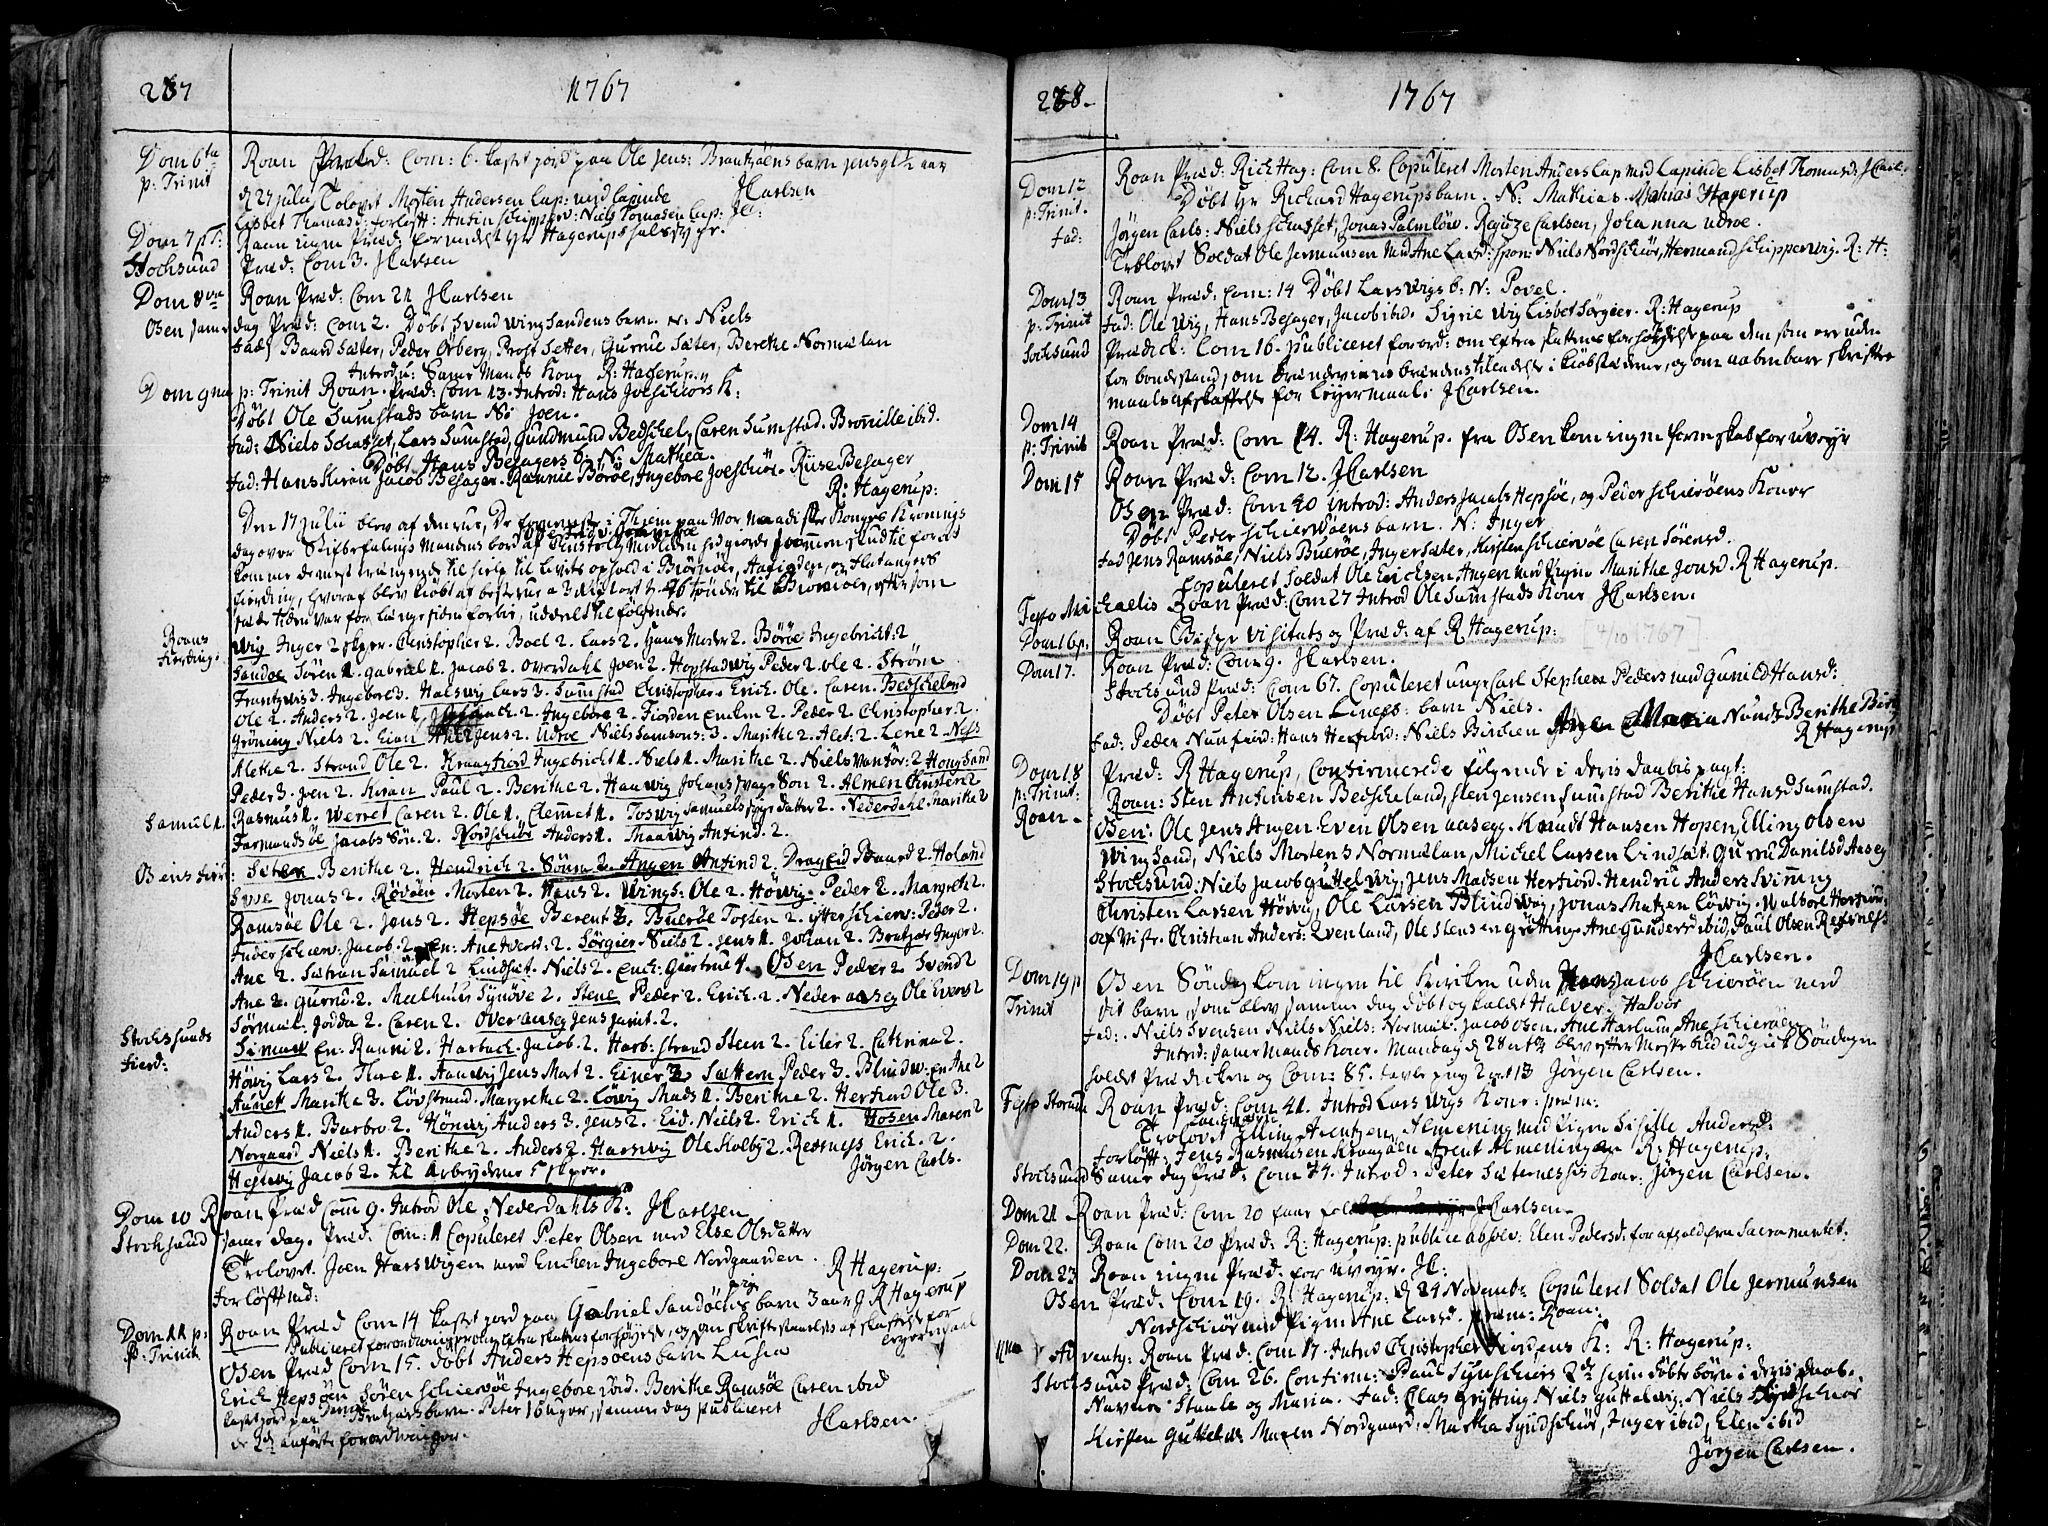 SAT, Ministerialprotokoller, klokkerbøker og fødselsregistre - Sør-Trøndelag, 657/L0700: Ministerialbok nr. 657A01, 1732-1801, s. 237-238